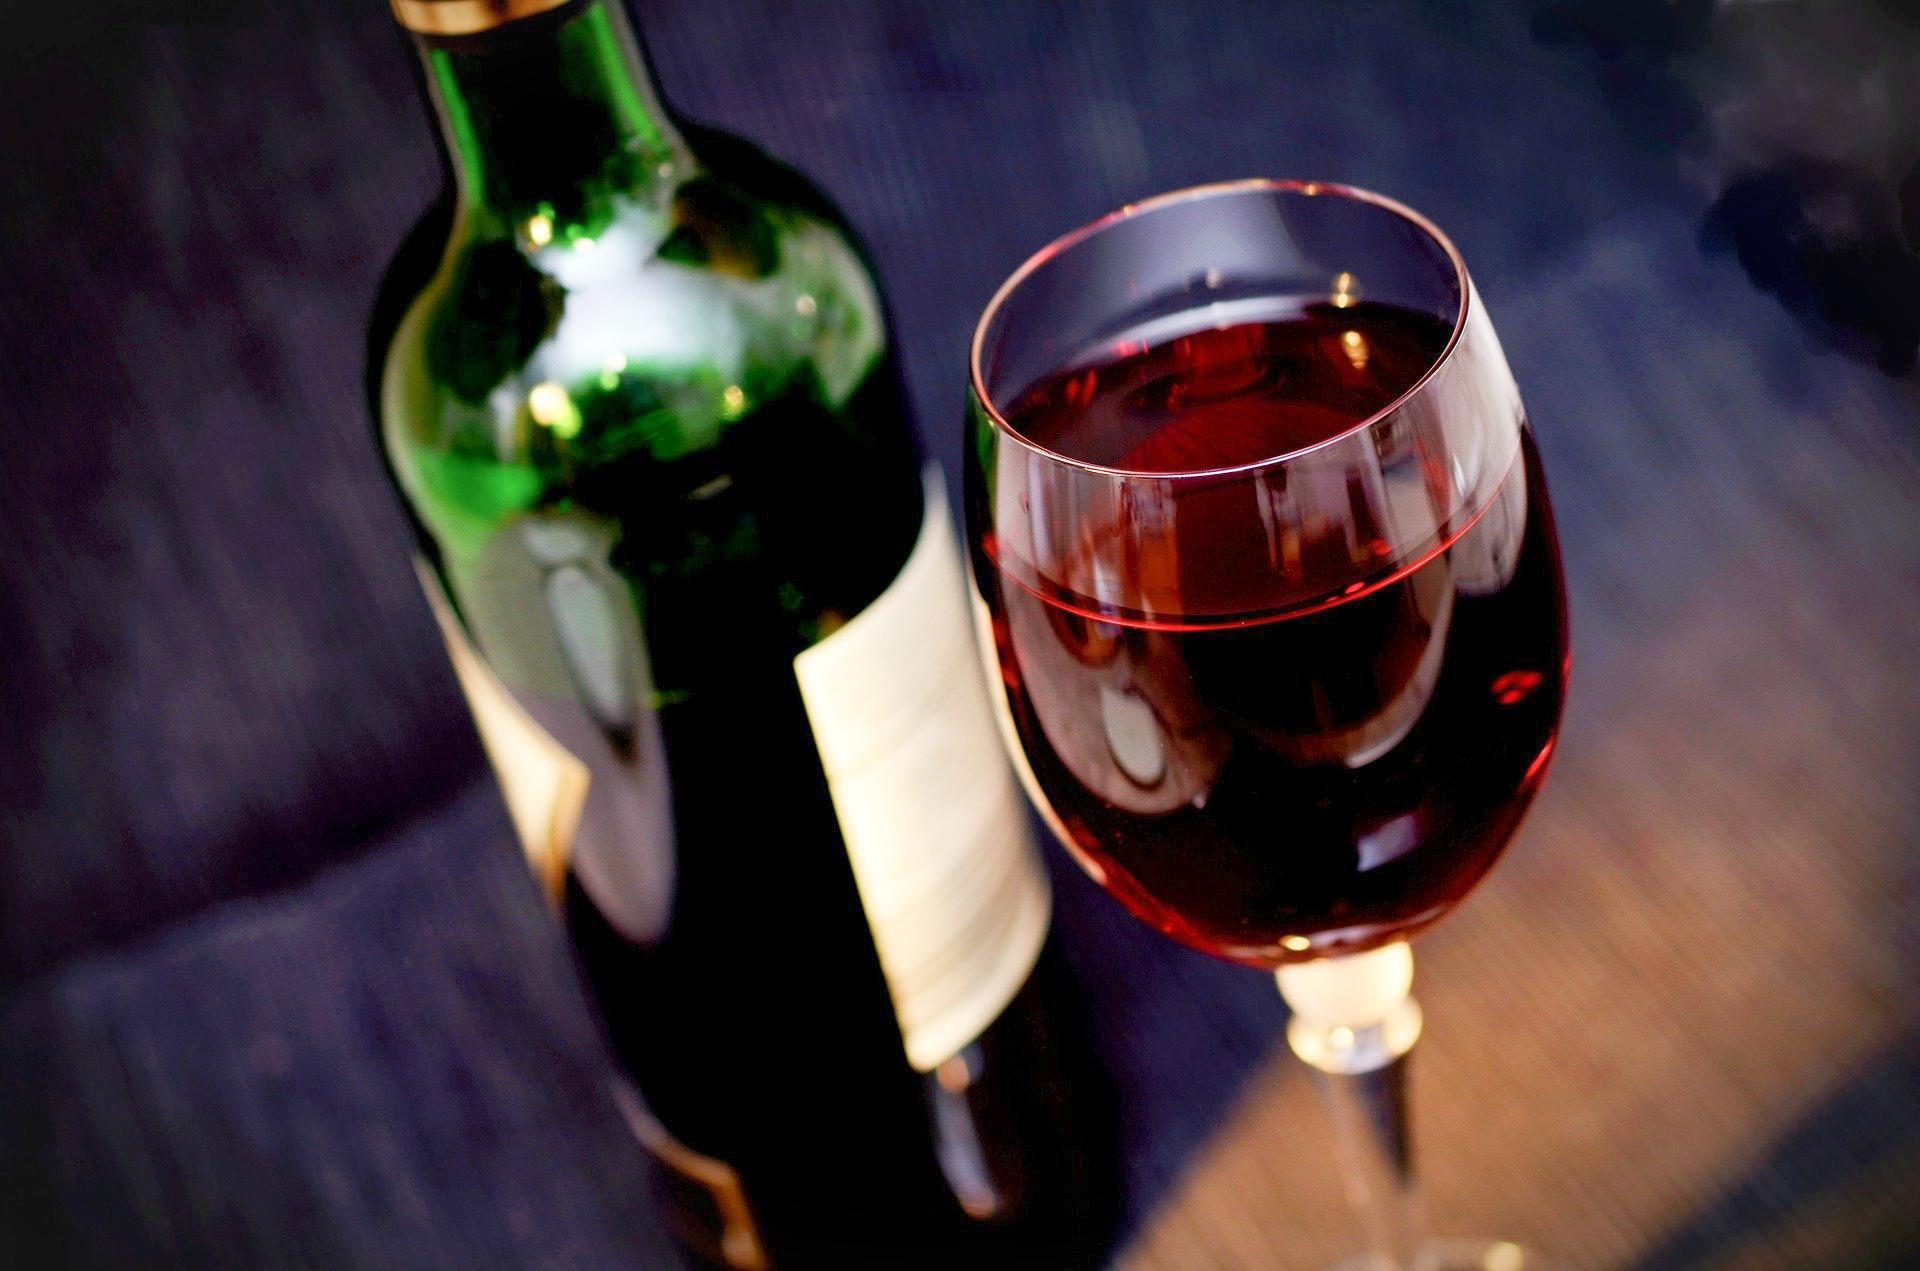 Pourquoi les bouteilles de vin font historiquement 0,75L et pas un litre ?